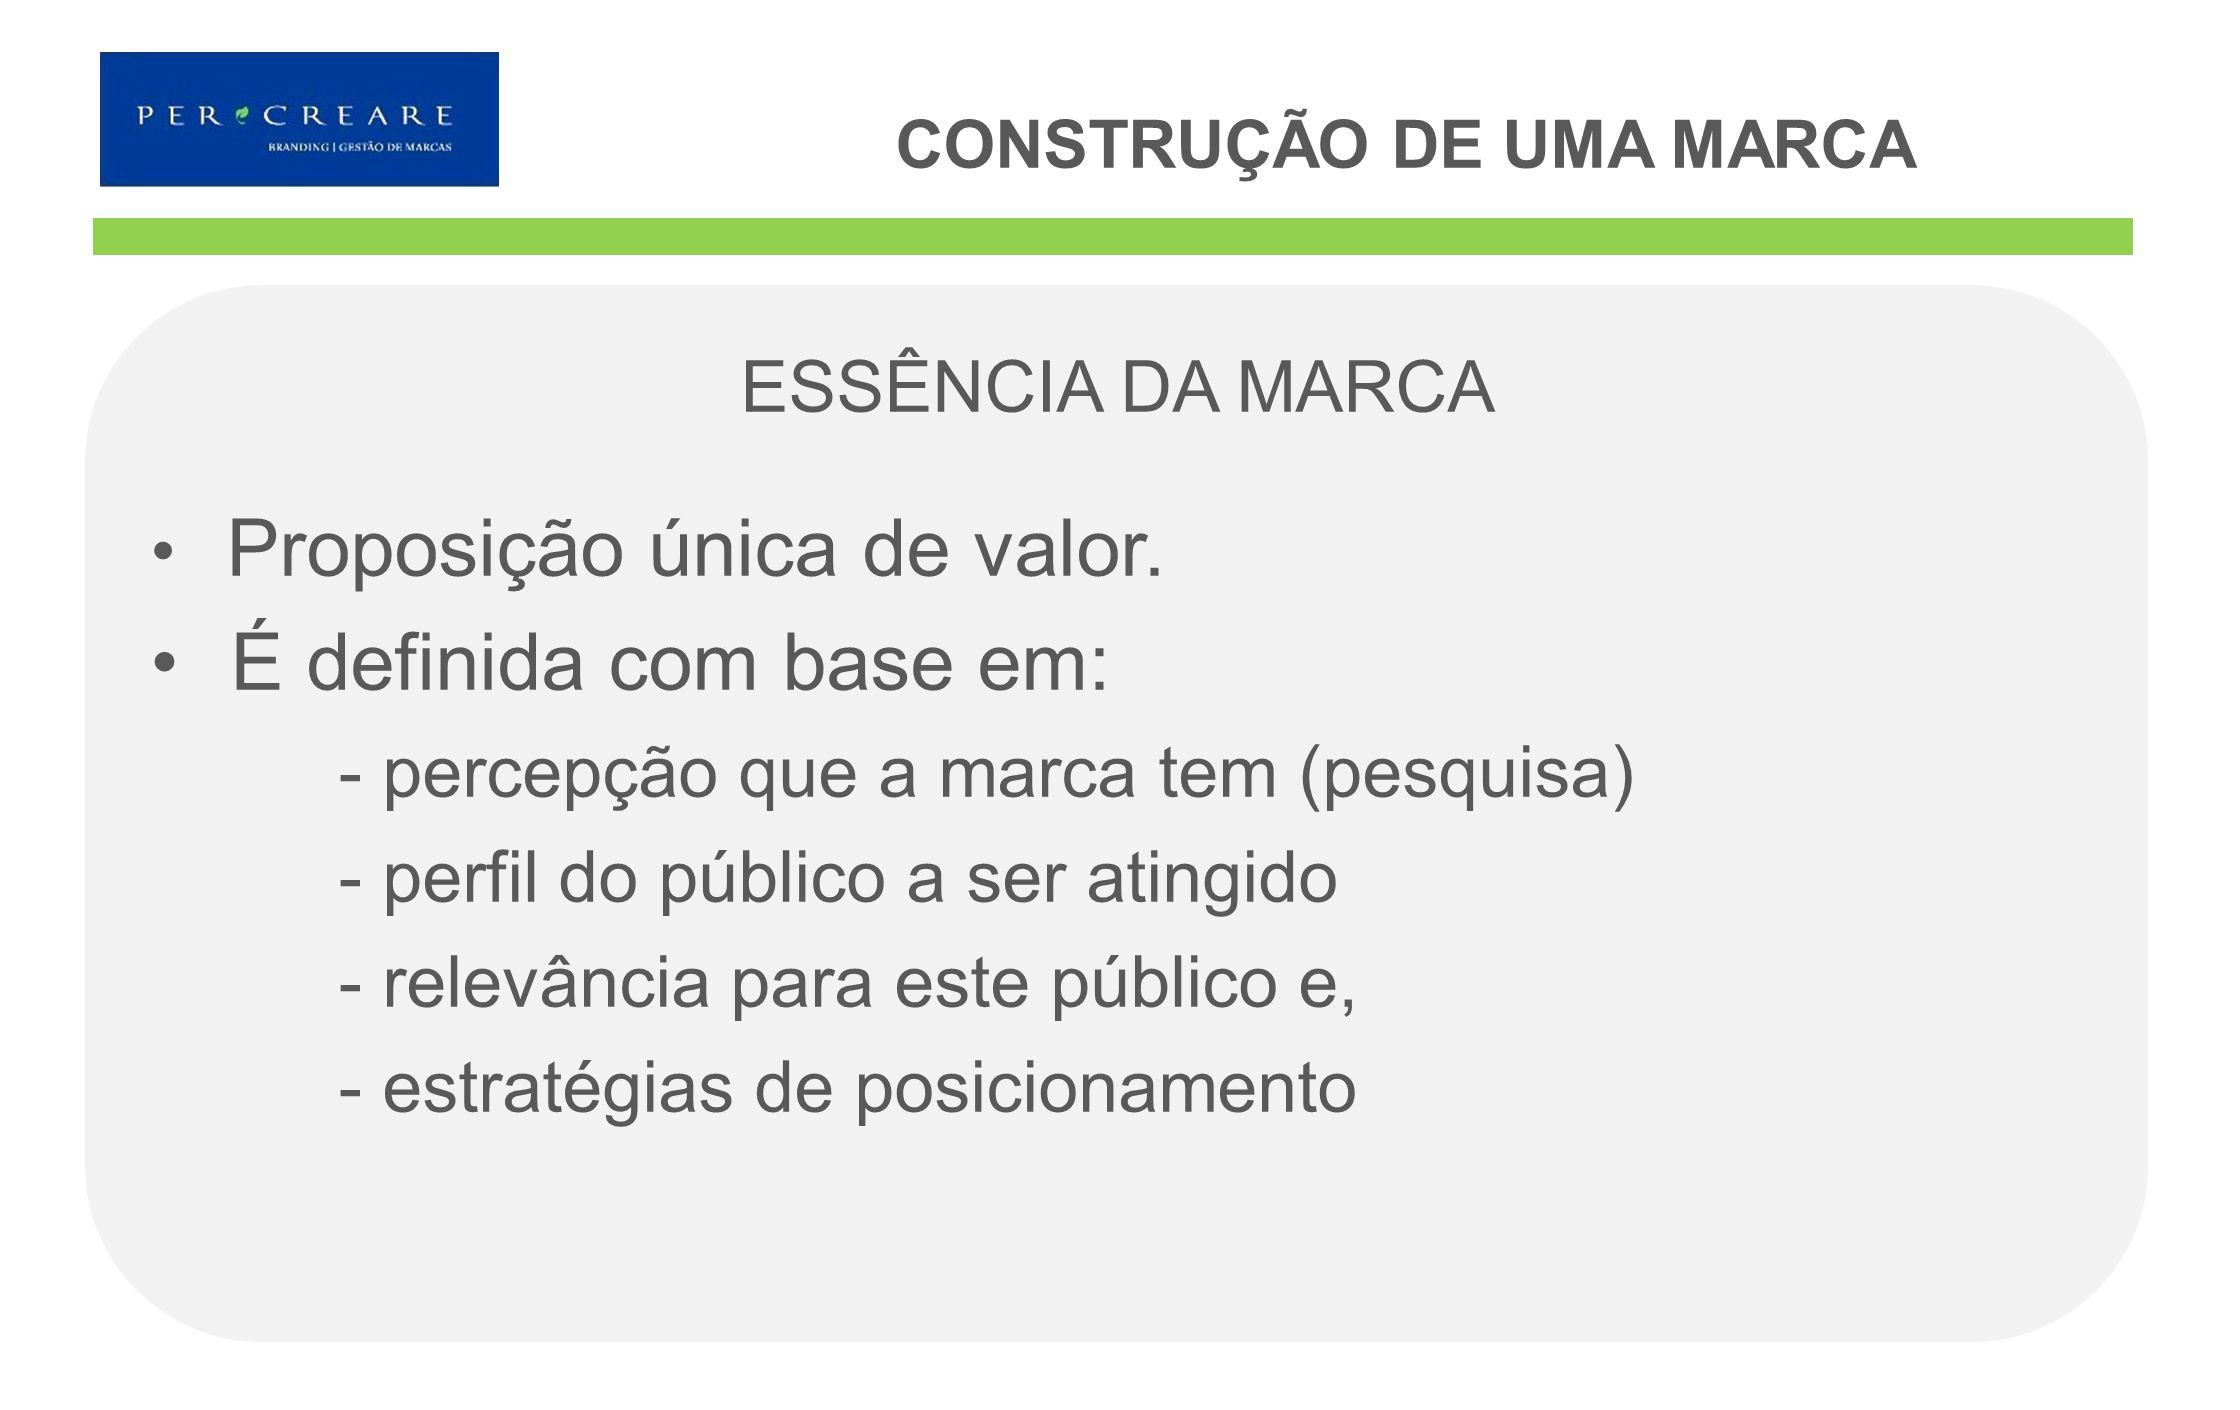 CONSTRUÇÃO DE UMA MARCA